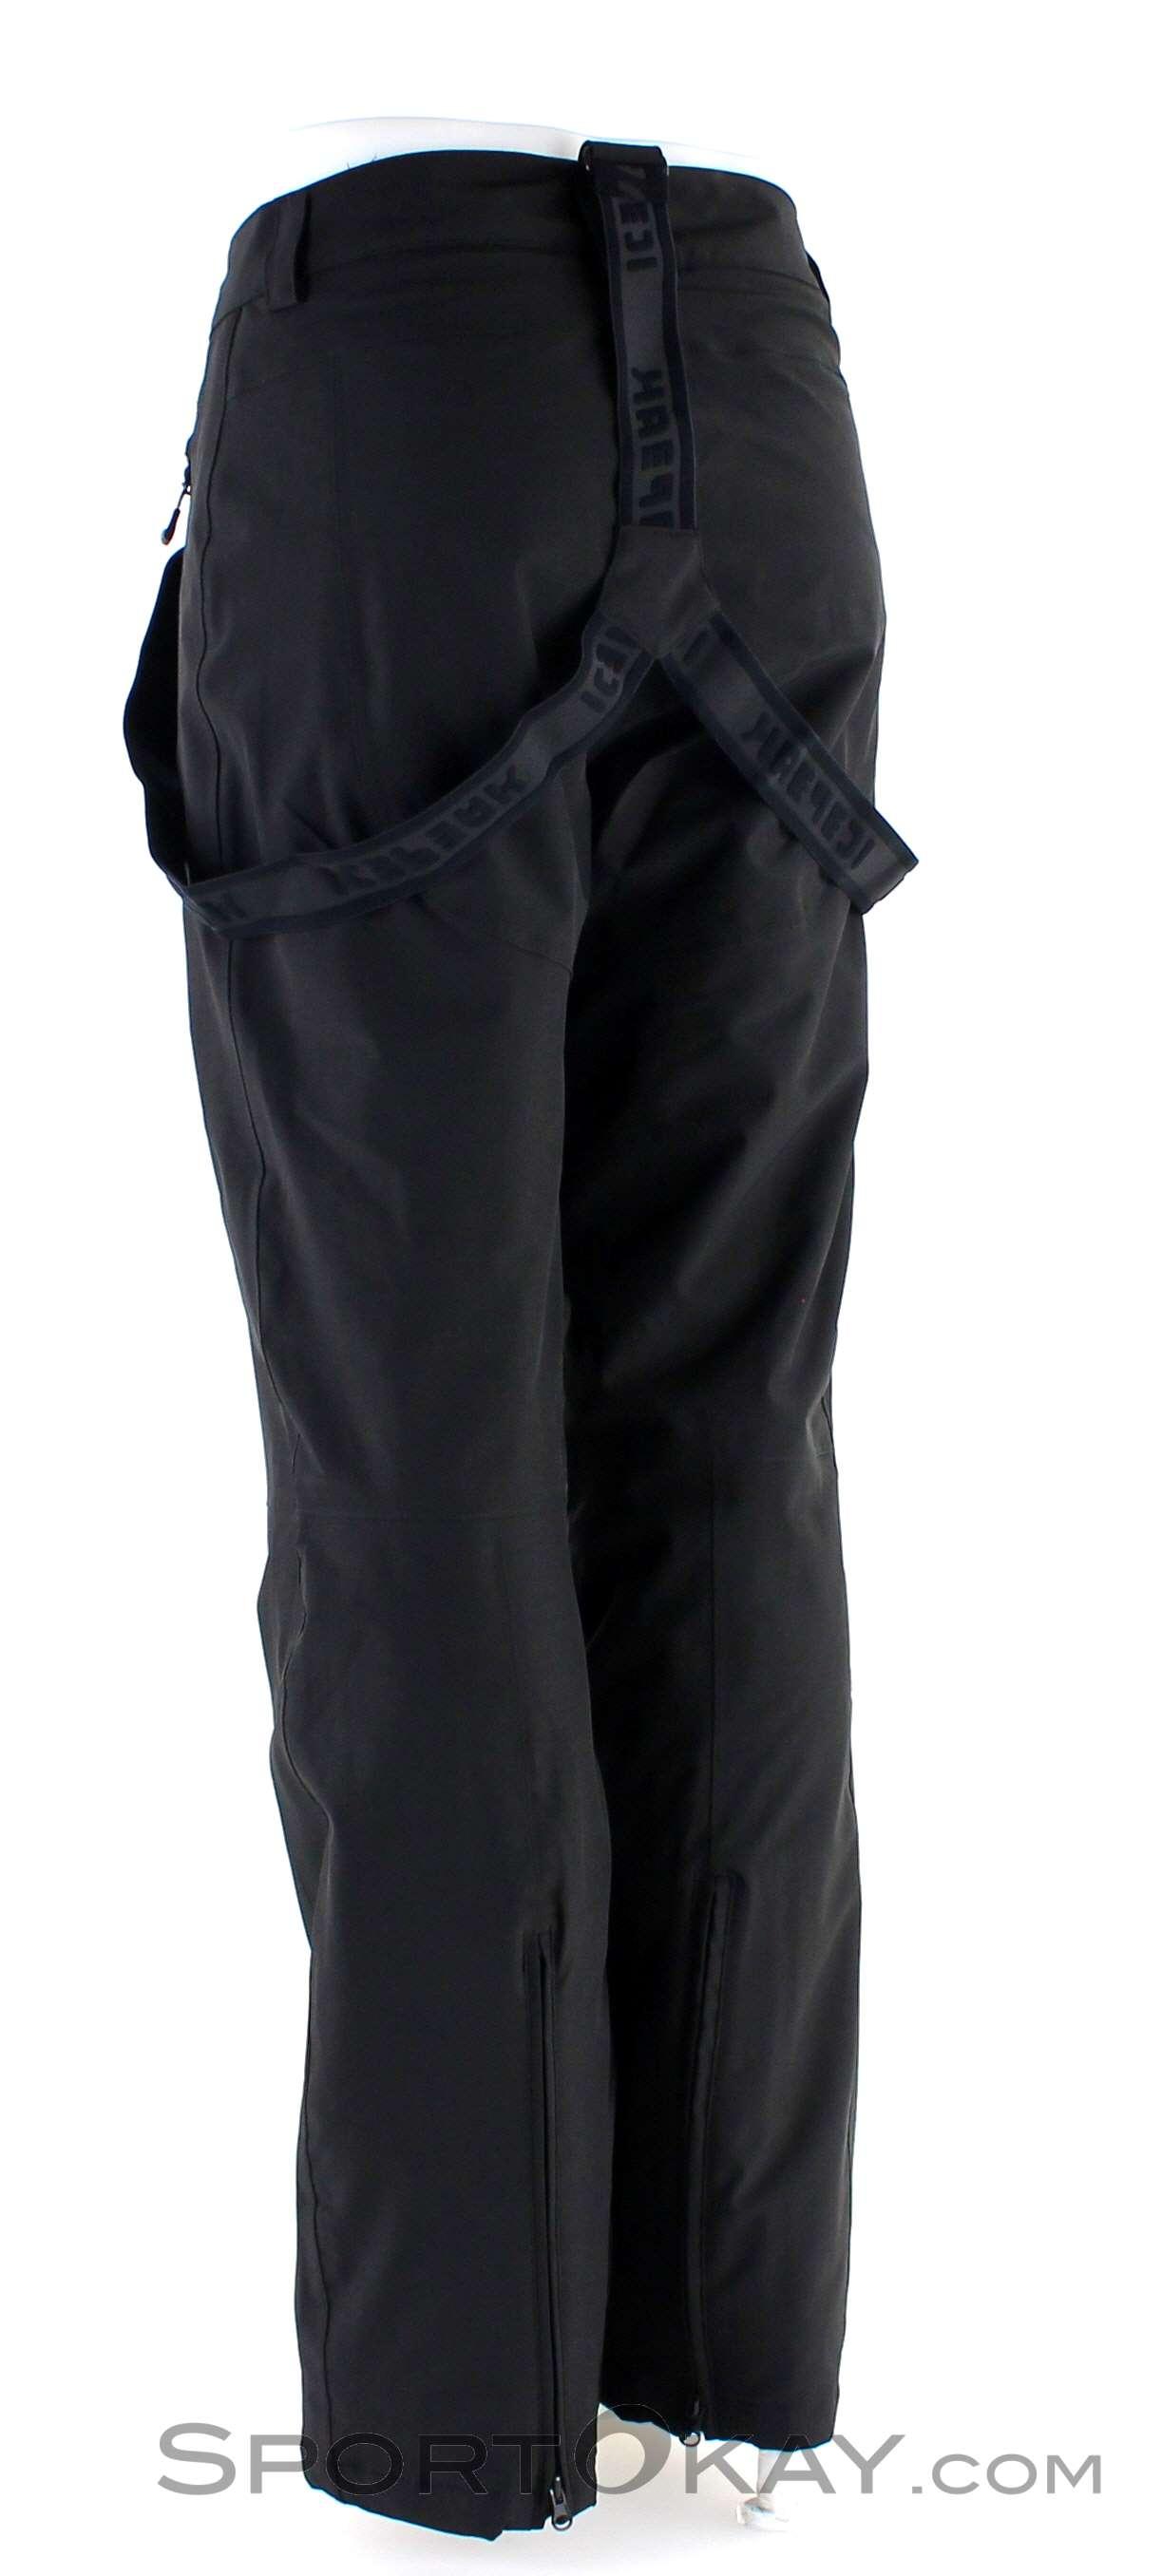 Accorciati Uomo Noxos Icepeak Da Sci Pantaloni Il 17Rxq8S